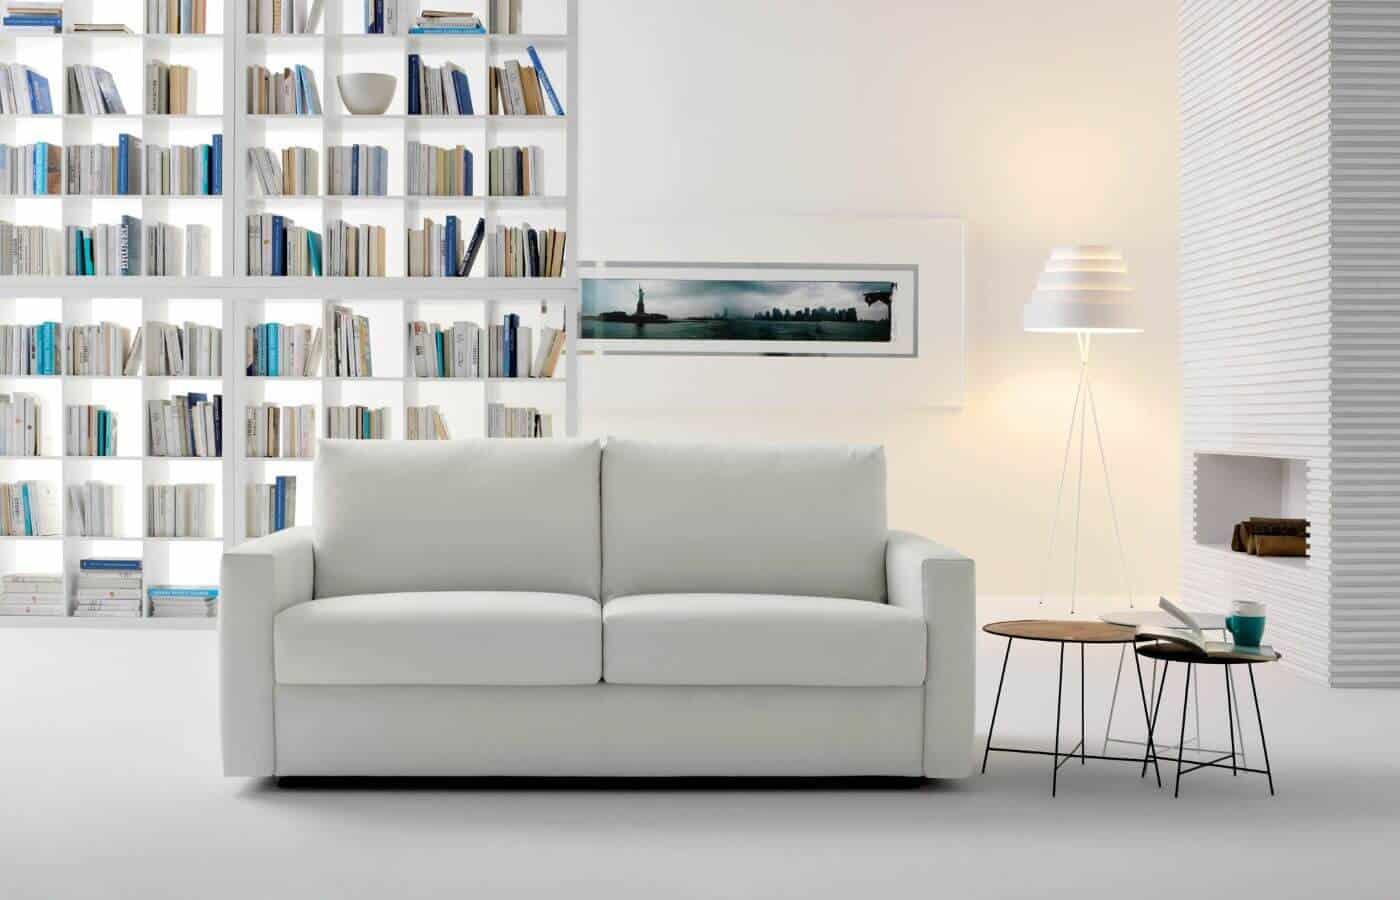 divani-letto-collezione-margherita-il-mobile (1)